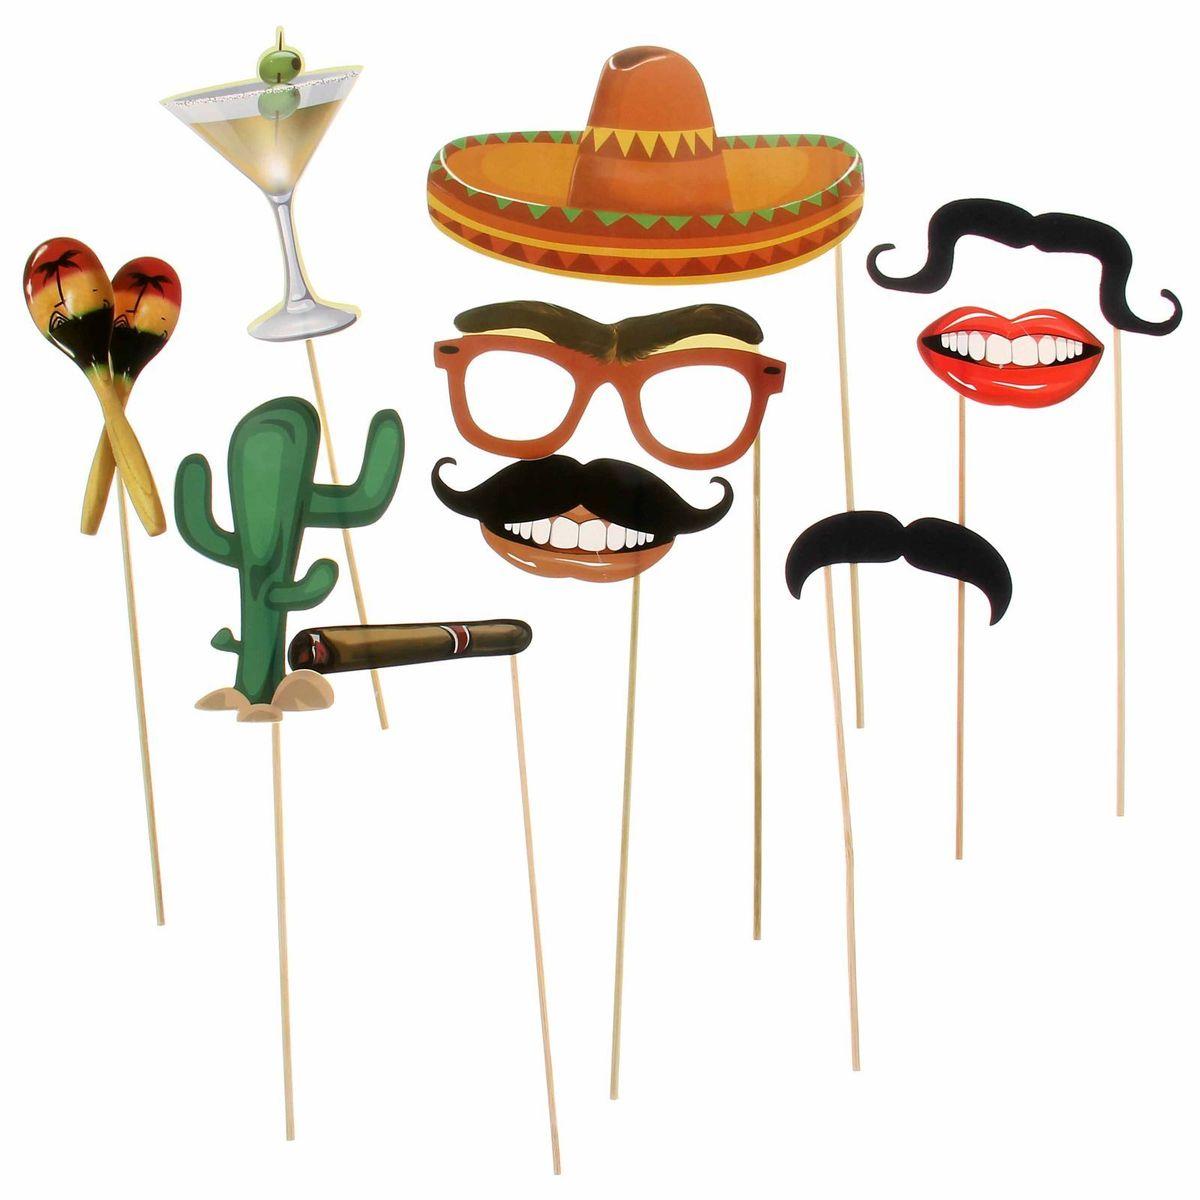 Набор фотобутафории Sima-land Мексика, 10 предметов1145683Невозможно представить нашу жизнь без праздников! Мы всегда ждём и заранее обдумываем, как проведём памятный день, тщательно выбираем подарки и аксессуары, ведь именно они создают и поддерживают нужный настрой.